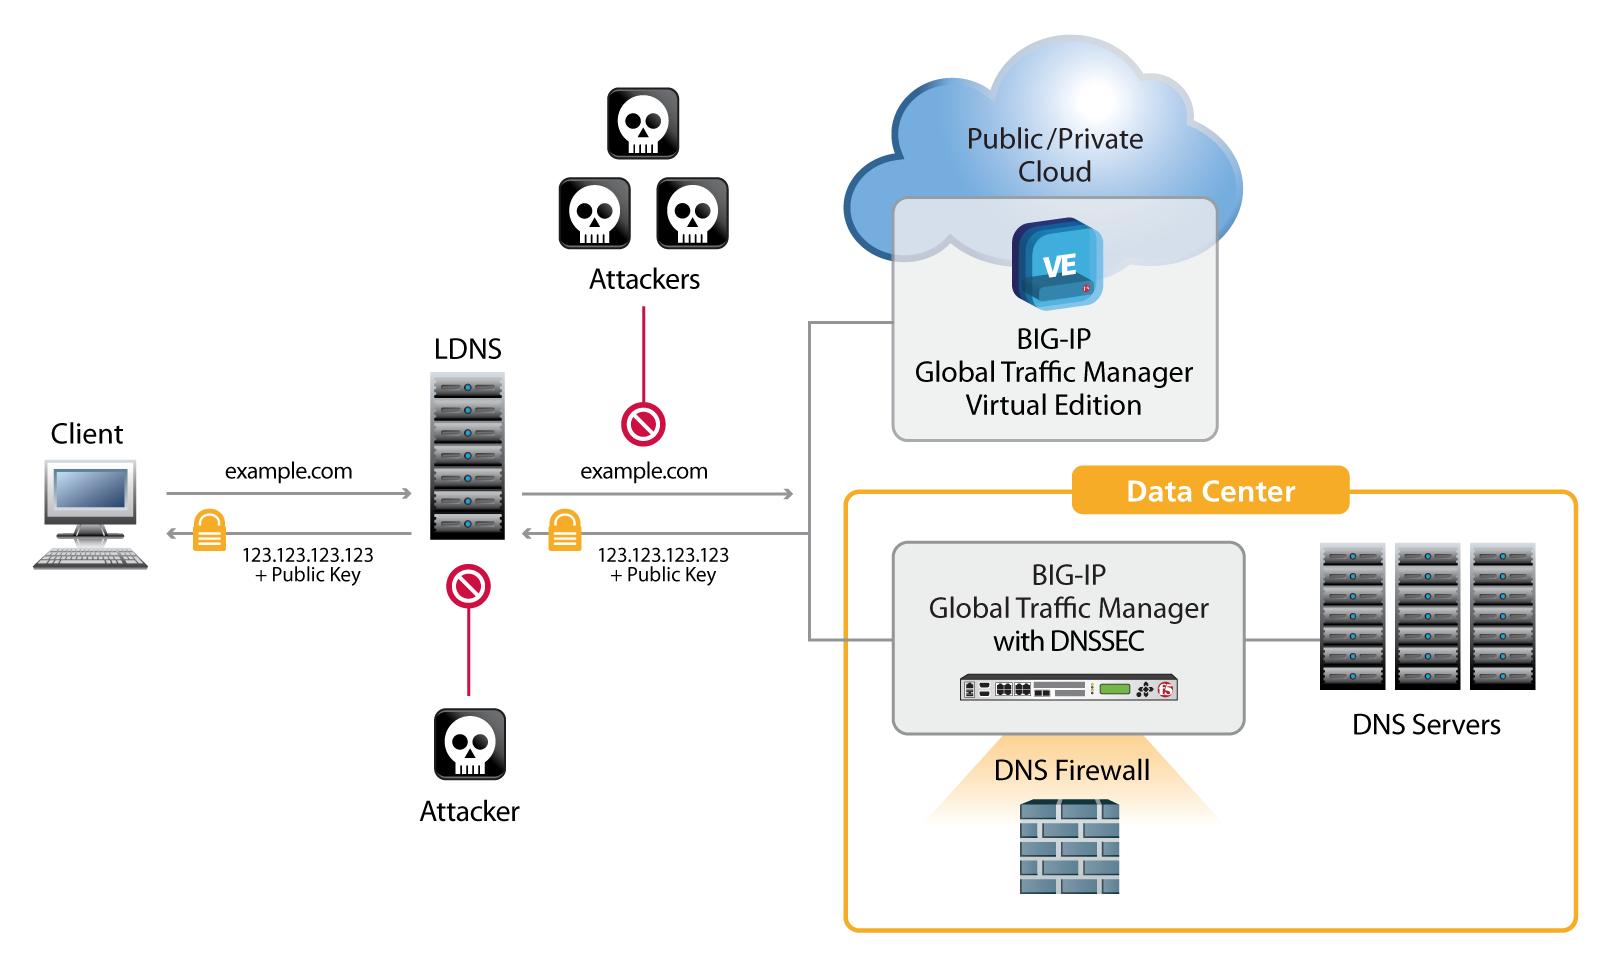 معرفی قابلیت های F5 BIG-IP DNS - قسمت اول